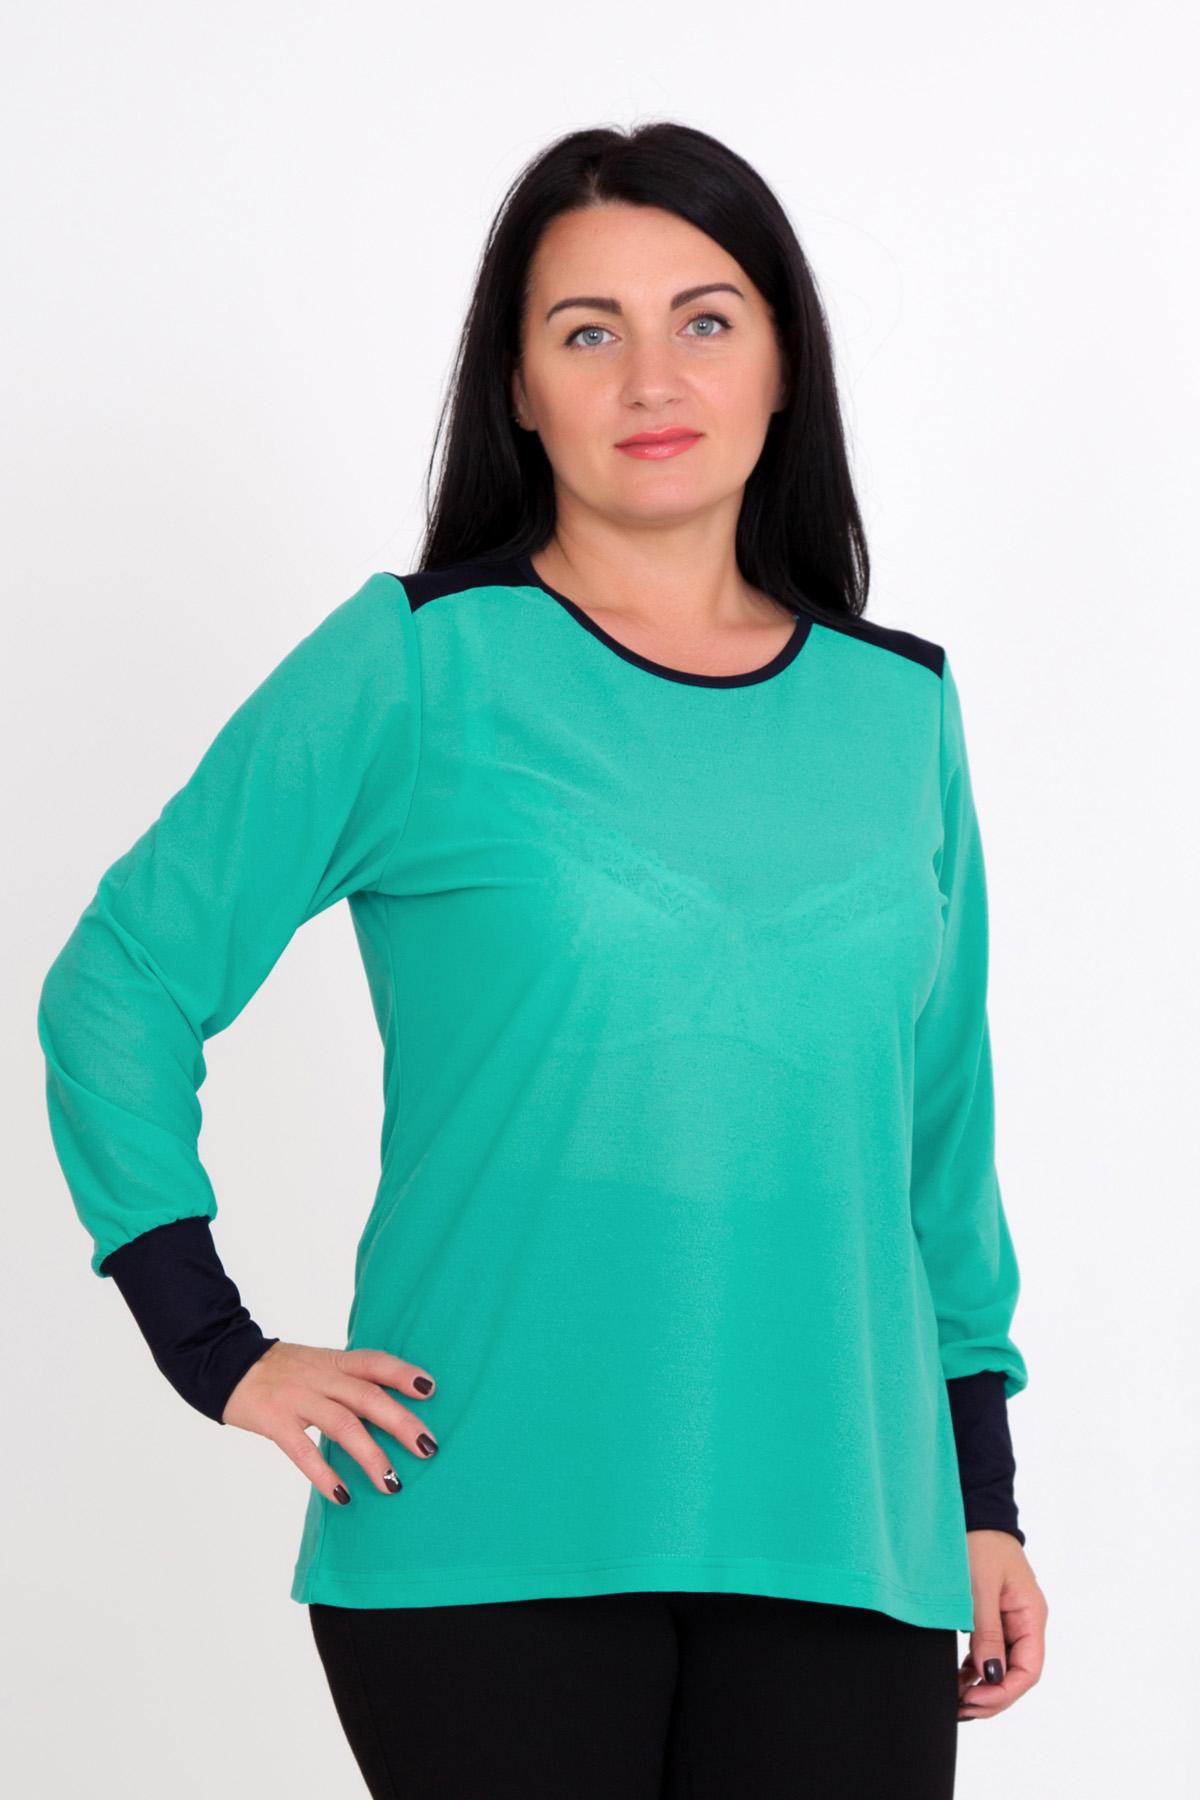 Жен. блуза Леона р. 50Распродажа женской одежды<br>Обхват груди: 100 см <br>Обхват талии: 82 см <br>Обхват бедер: 108 см <br>Длина по спинке: 64 см <br>Рост: 167 см<br><br>Тип: Жен. блуза<br>Размер: 50<br>Материал: Креп